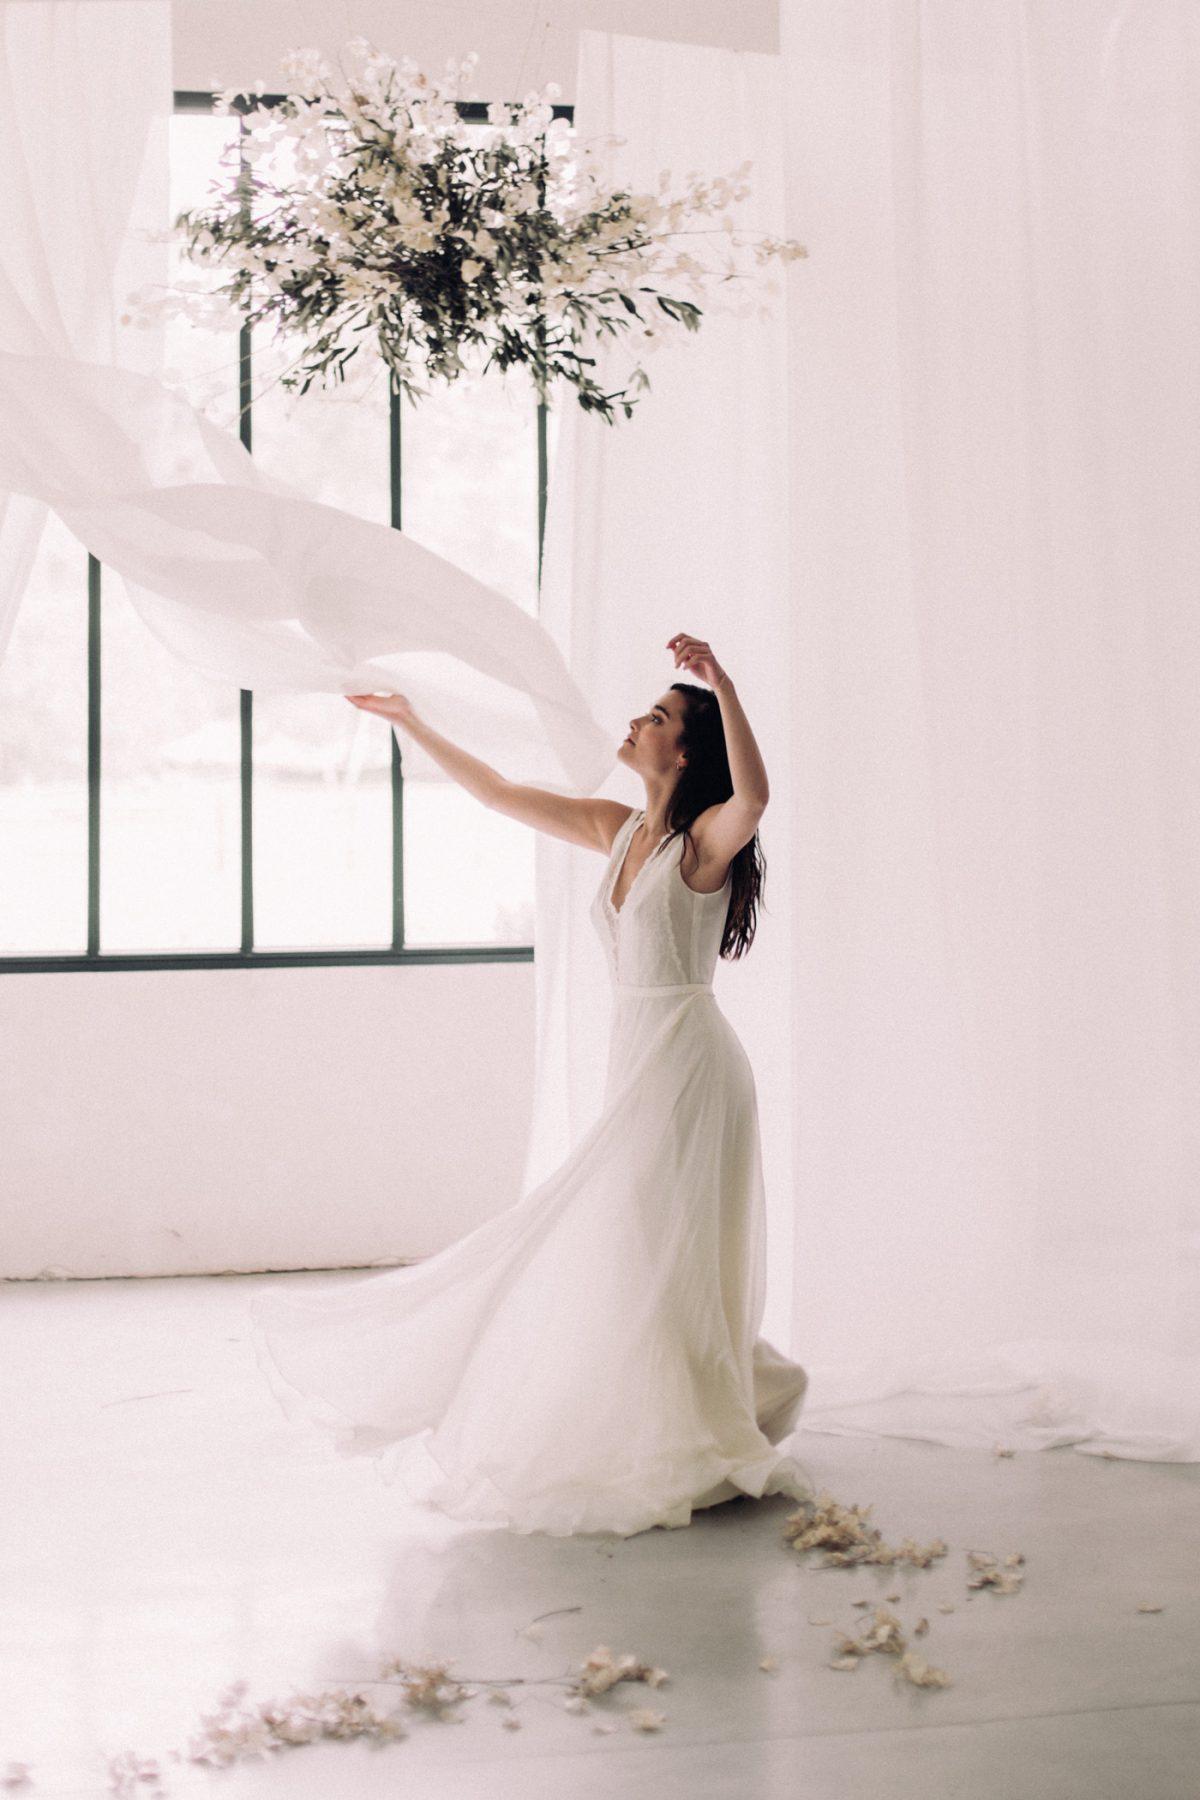 Atelier Swan | Collection 2019 robes de mariée | Credit Juli Etta | La Mariée Sous Les Etoiles